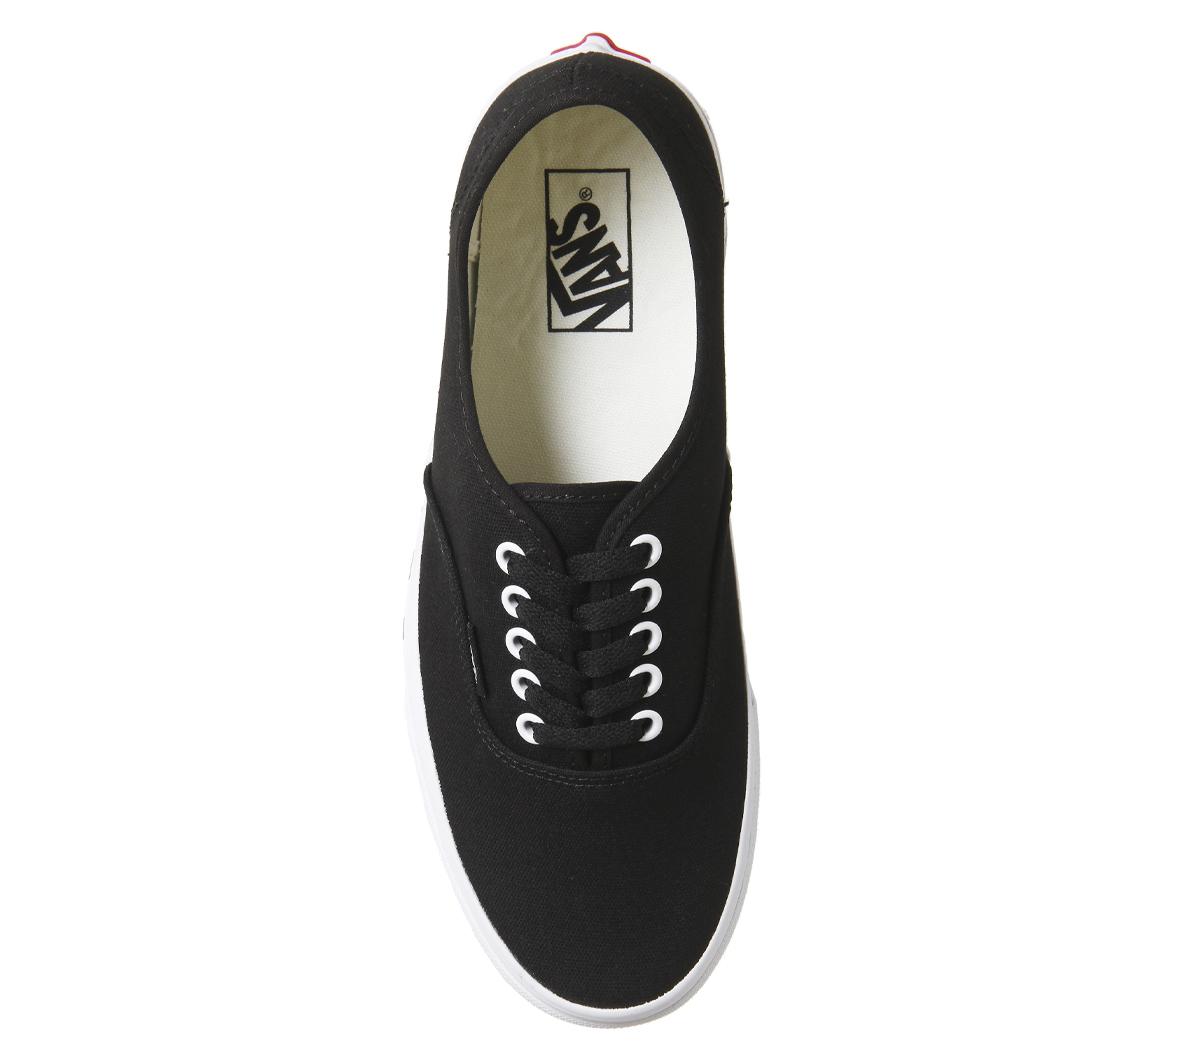 Zapatillas para hombre Vans Auténticas Negras Auténtico Blanco a ... 6a237b4656f